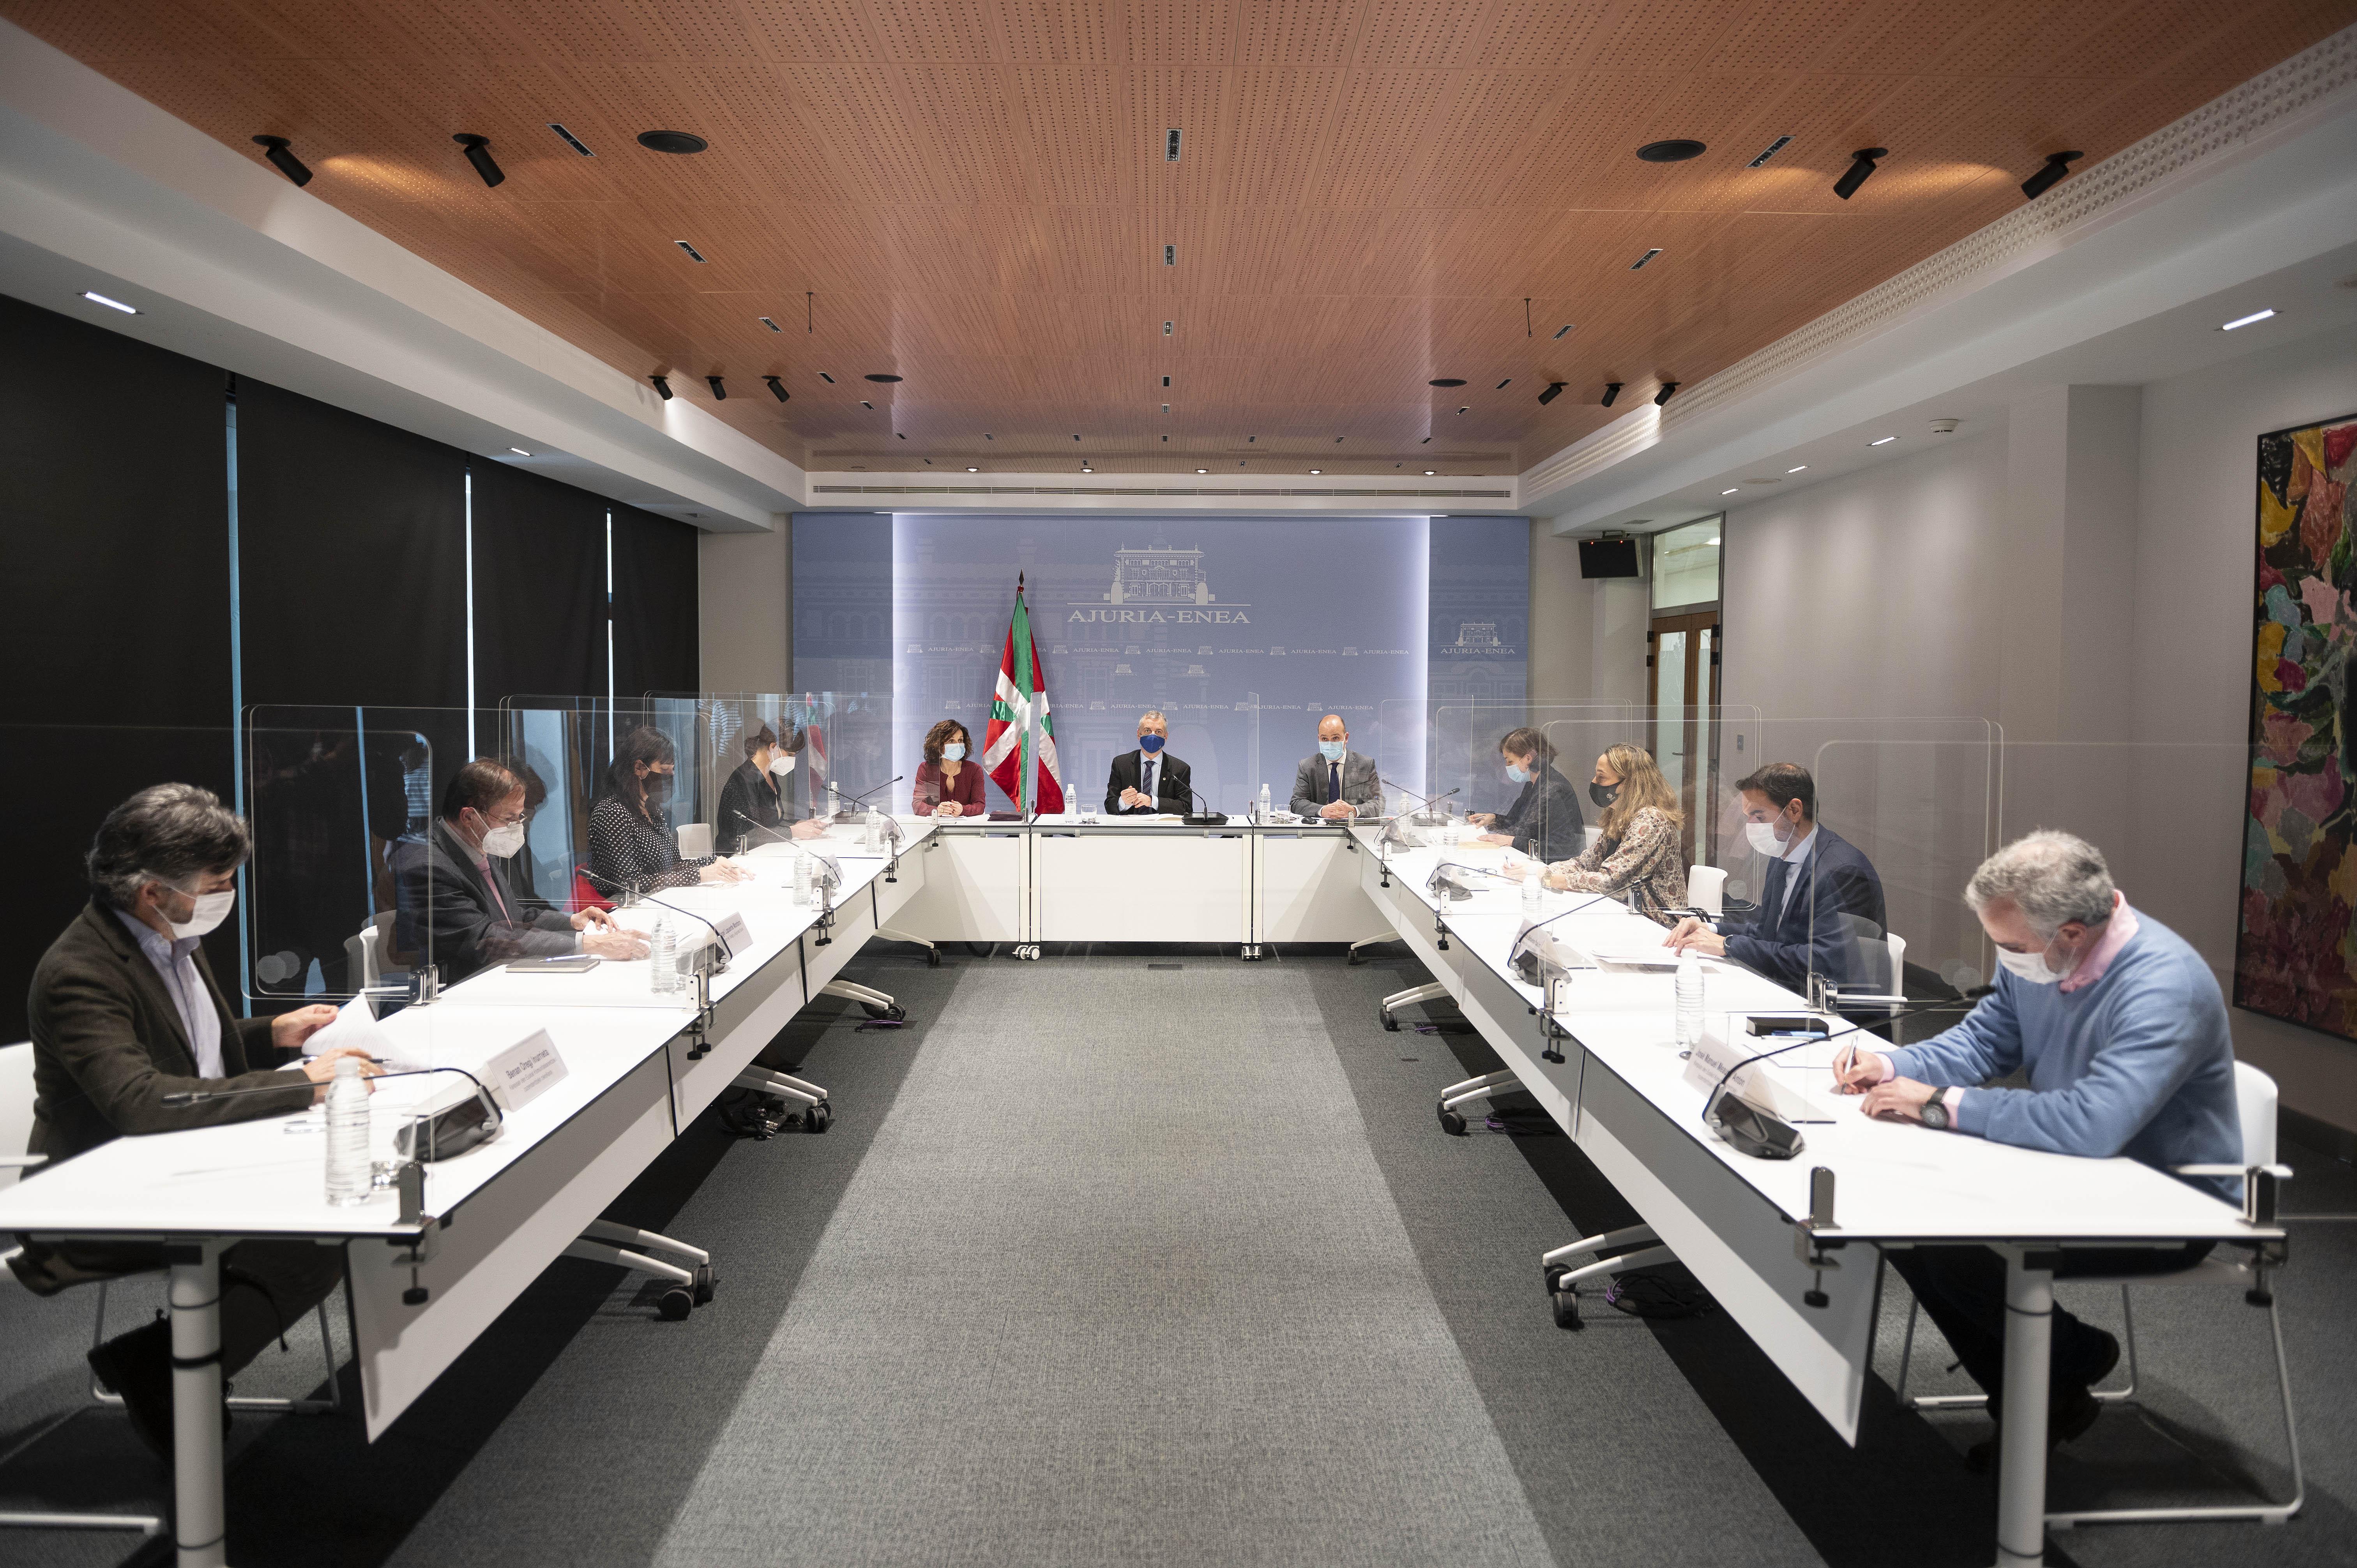 El Lehendakari preside la primera reunión del Consejo Asesor de Colectividades Vascas de esta nueva legislatura [1:07]